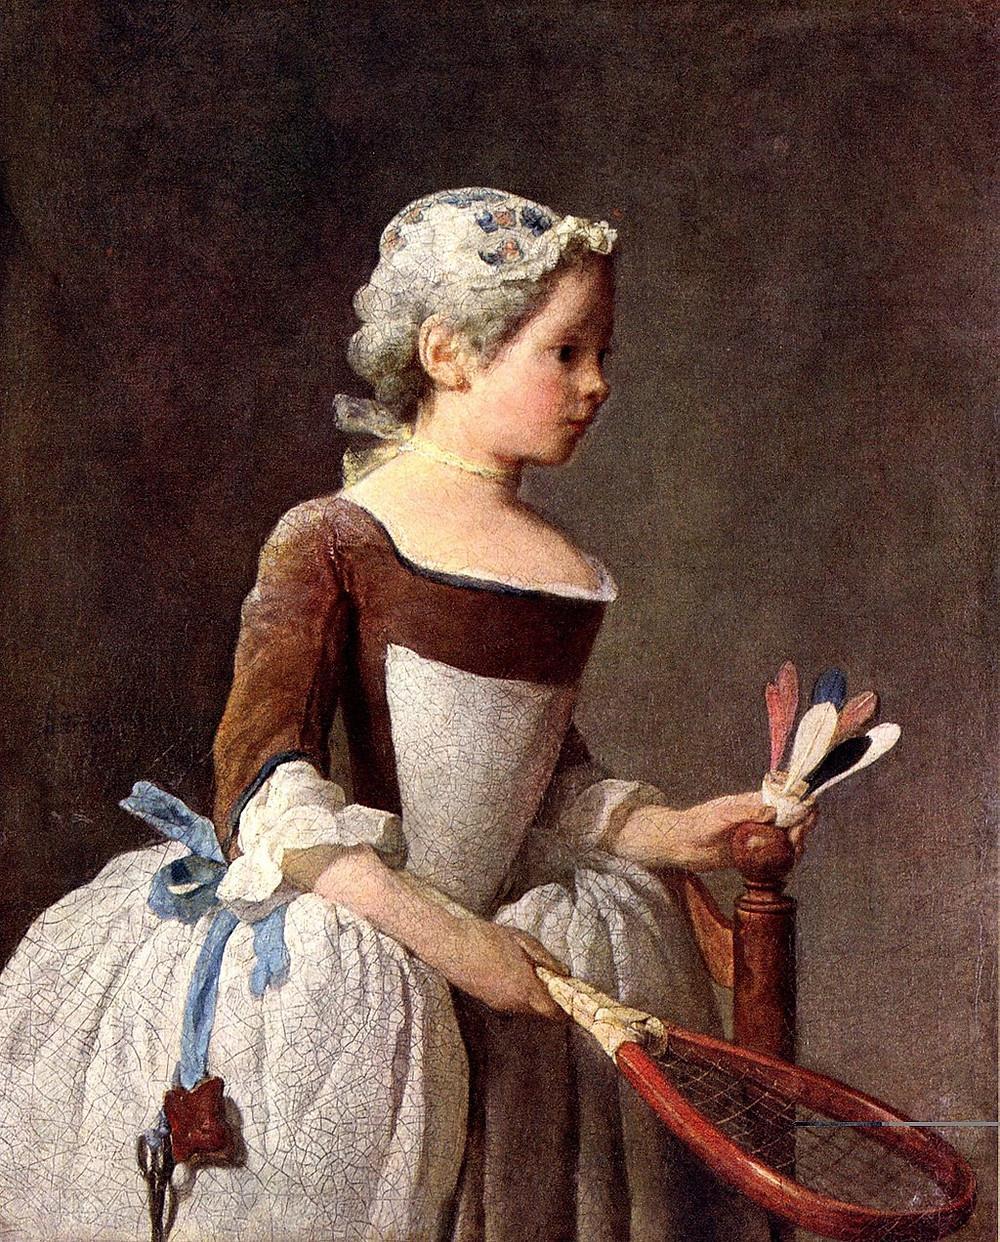 la fillette au volant, tableau de Chardin, conservée à la galeries des Offices, Diderot critique d'art de Florence. Peinture représentant les valeurs morales de la société bourgeoise de l'époque de Louis XV